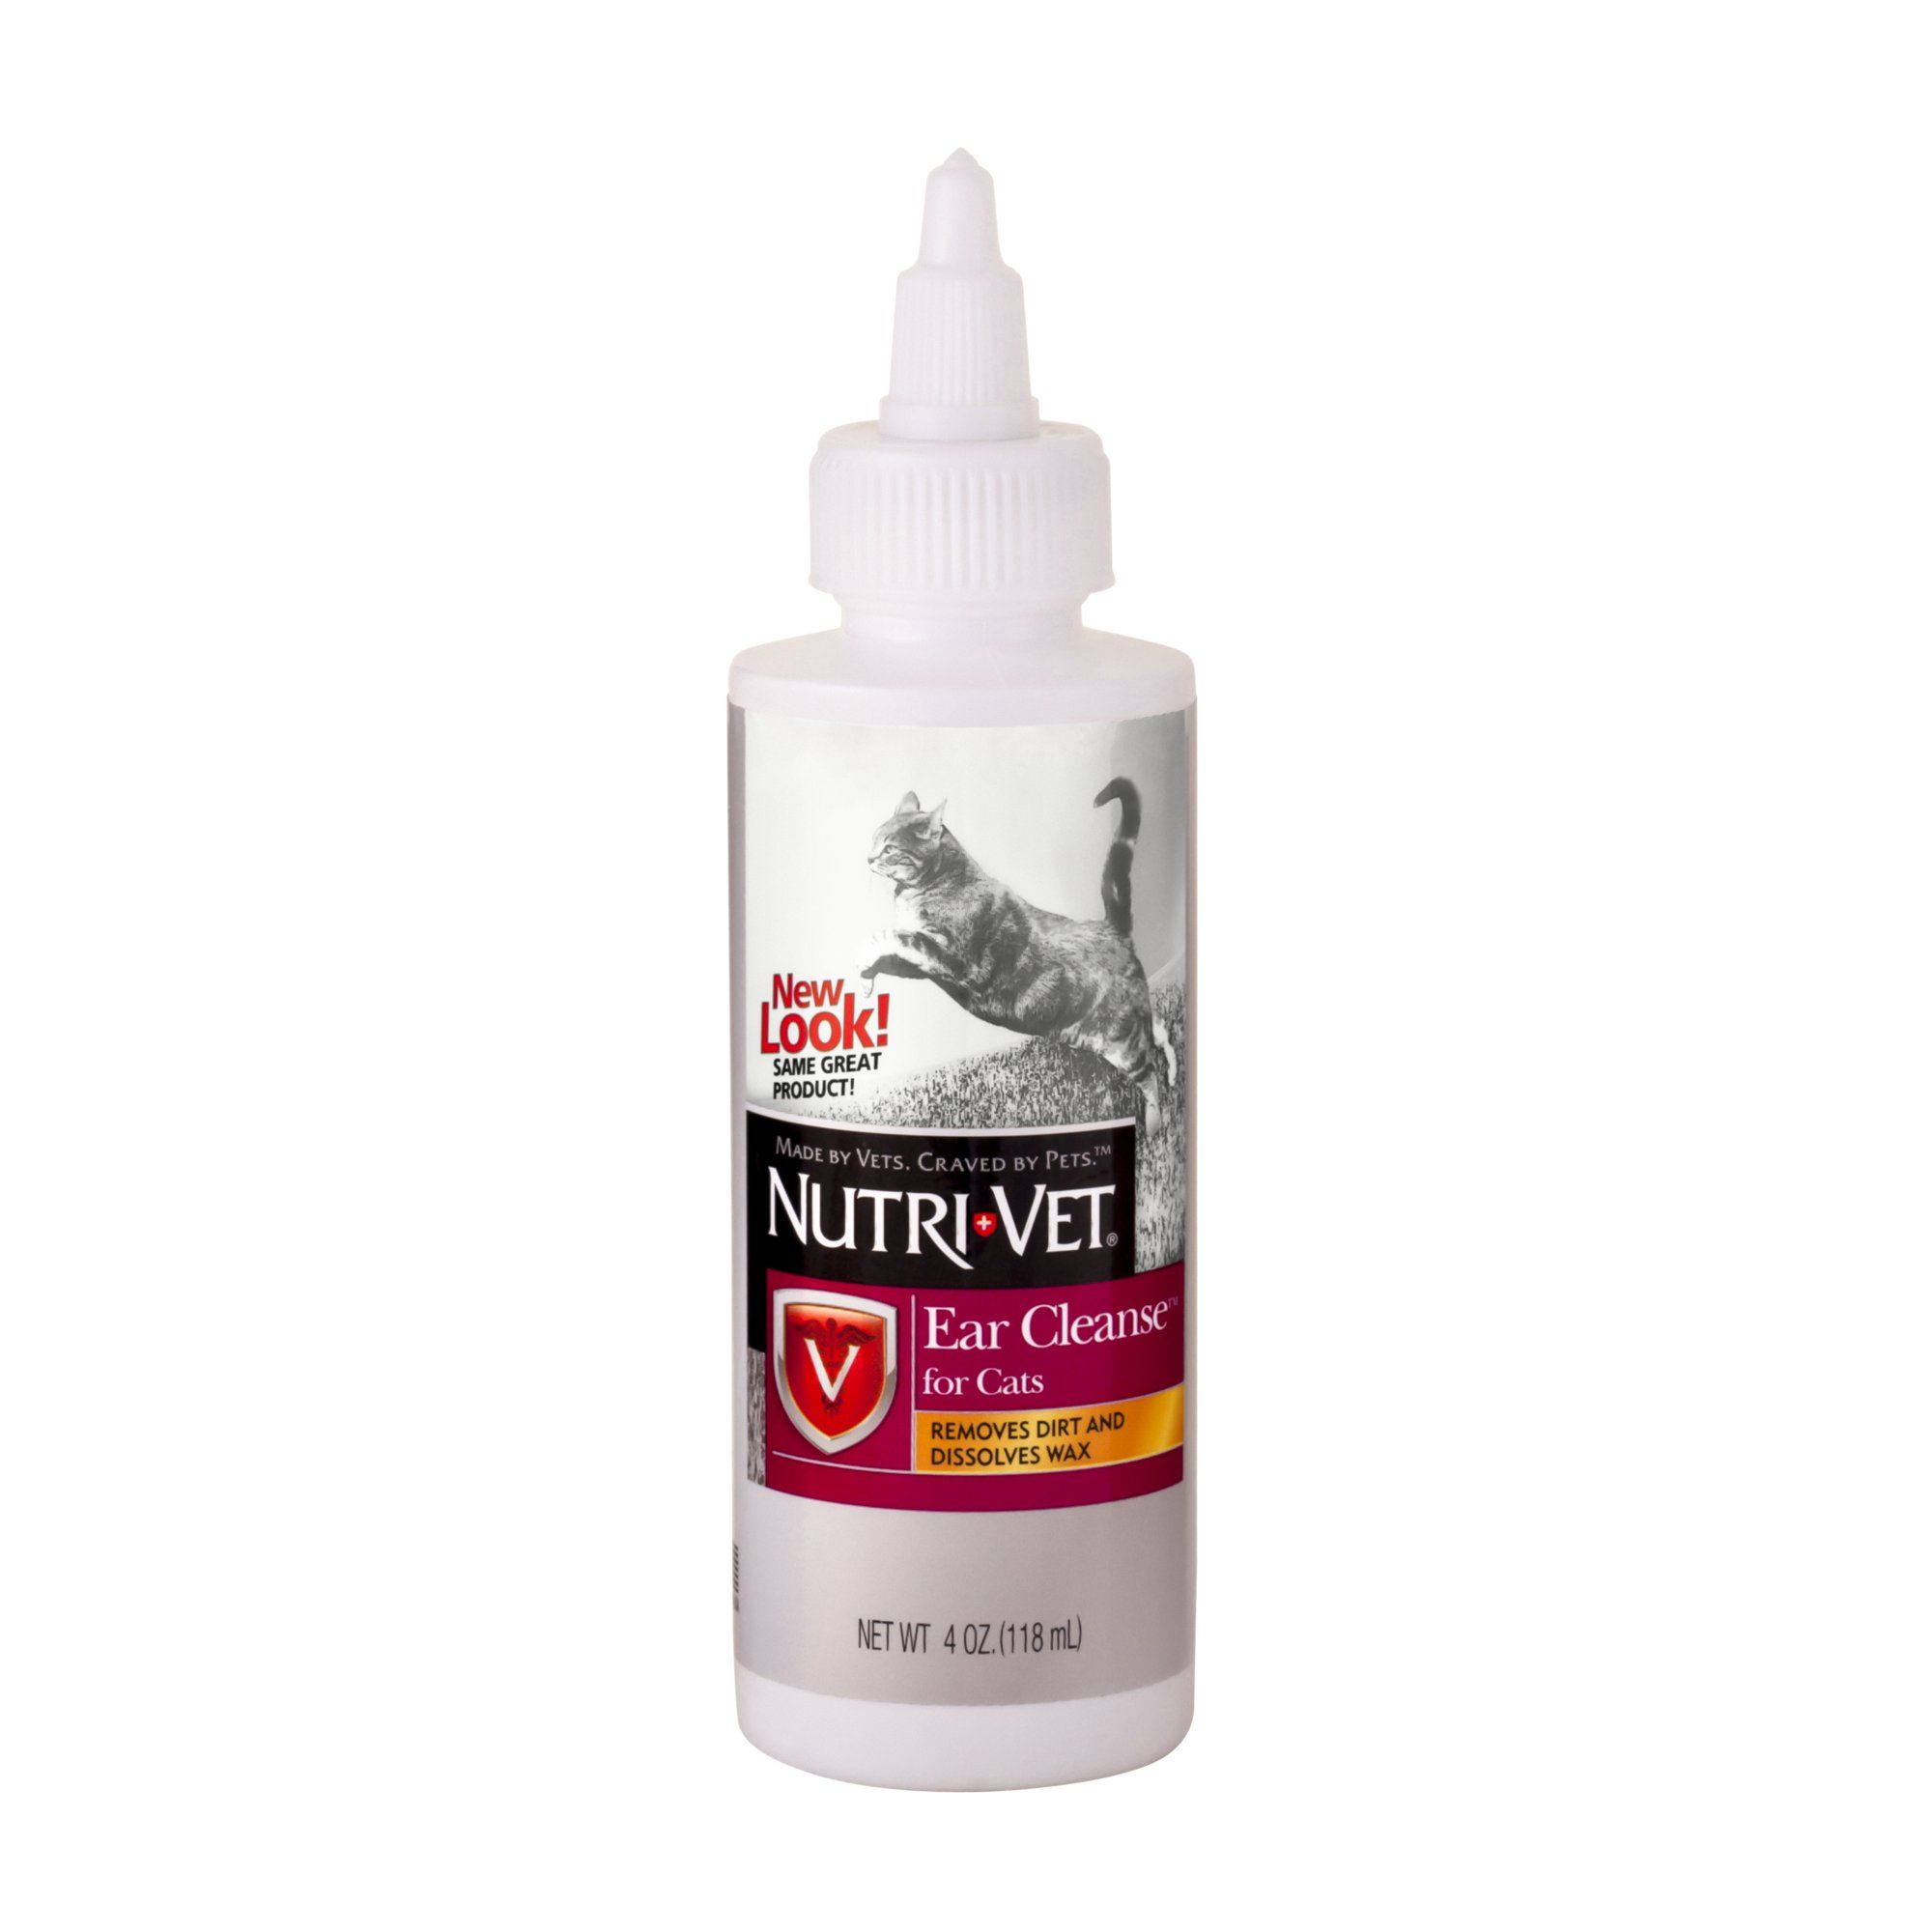 NutriVet Cat Ear Cleaner, 4 FZ in 2019 Cats, Ear